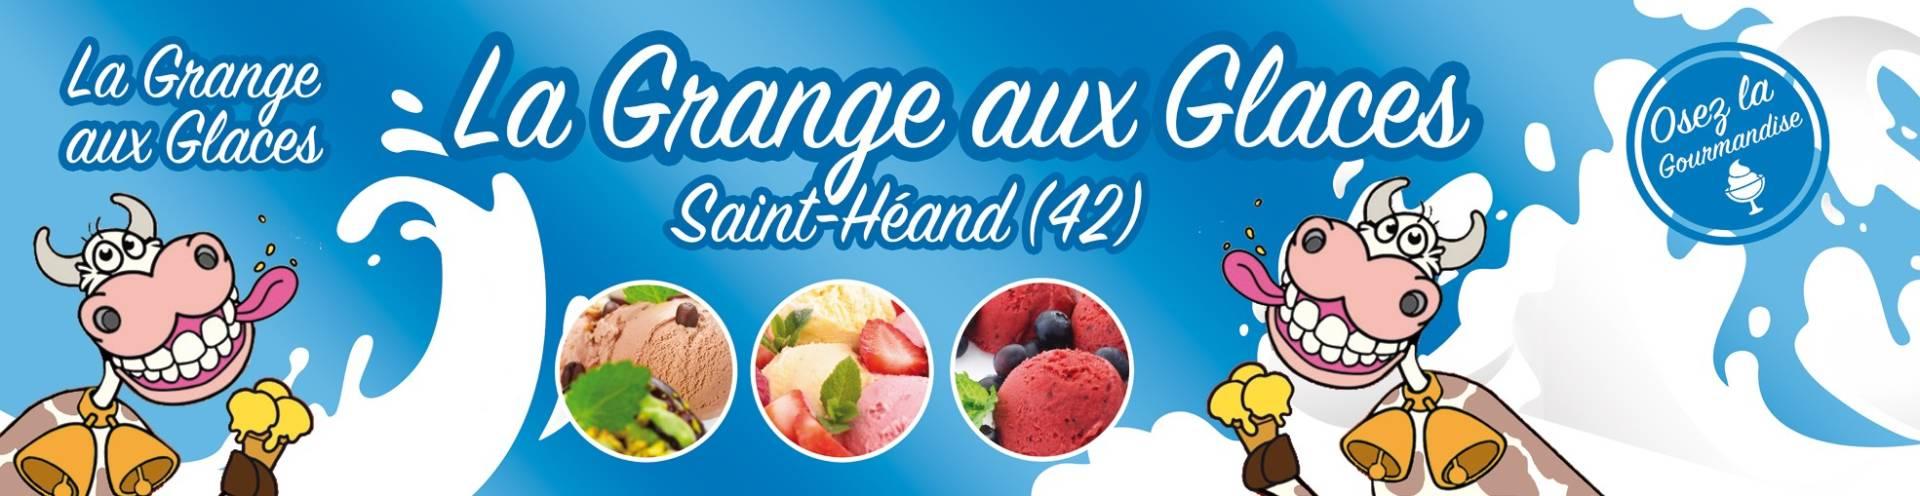 Nos produits glacés près de Saint-Étienne | La Grange aux Glaces